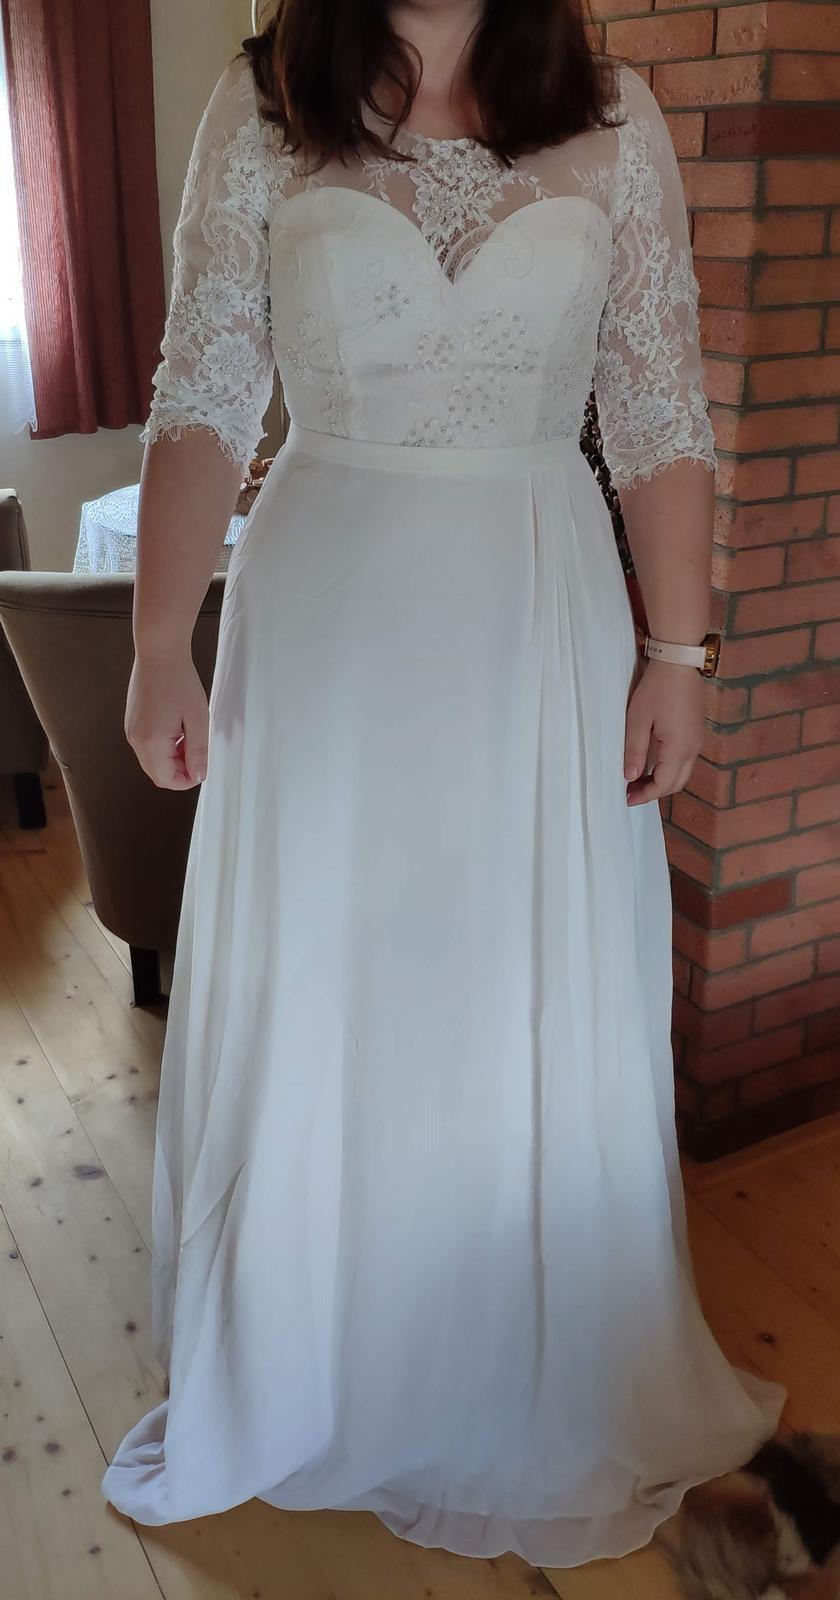 Svatební šaty, vel. 40, slonová kost - Obrázek č. 1